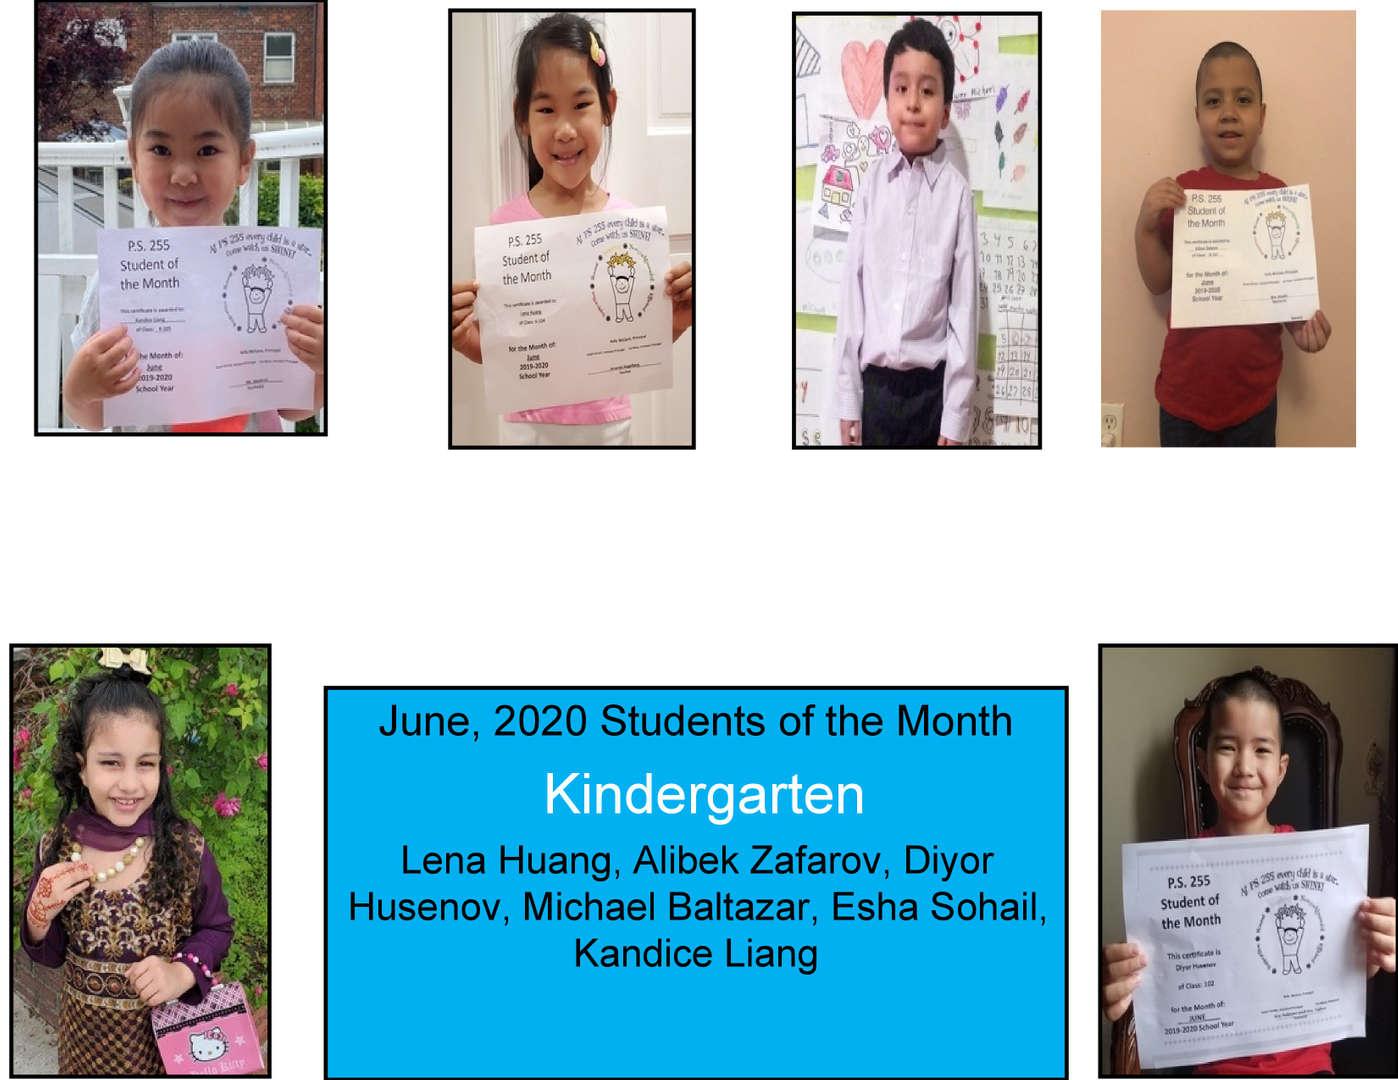 June Student of the Month Kindergarten